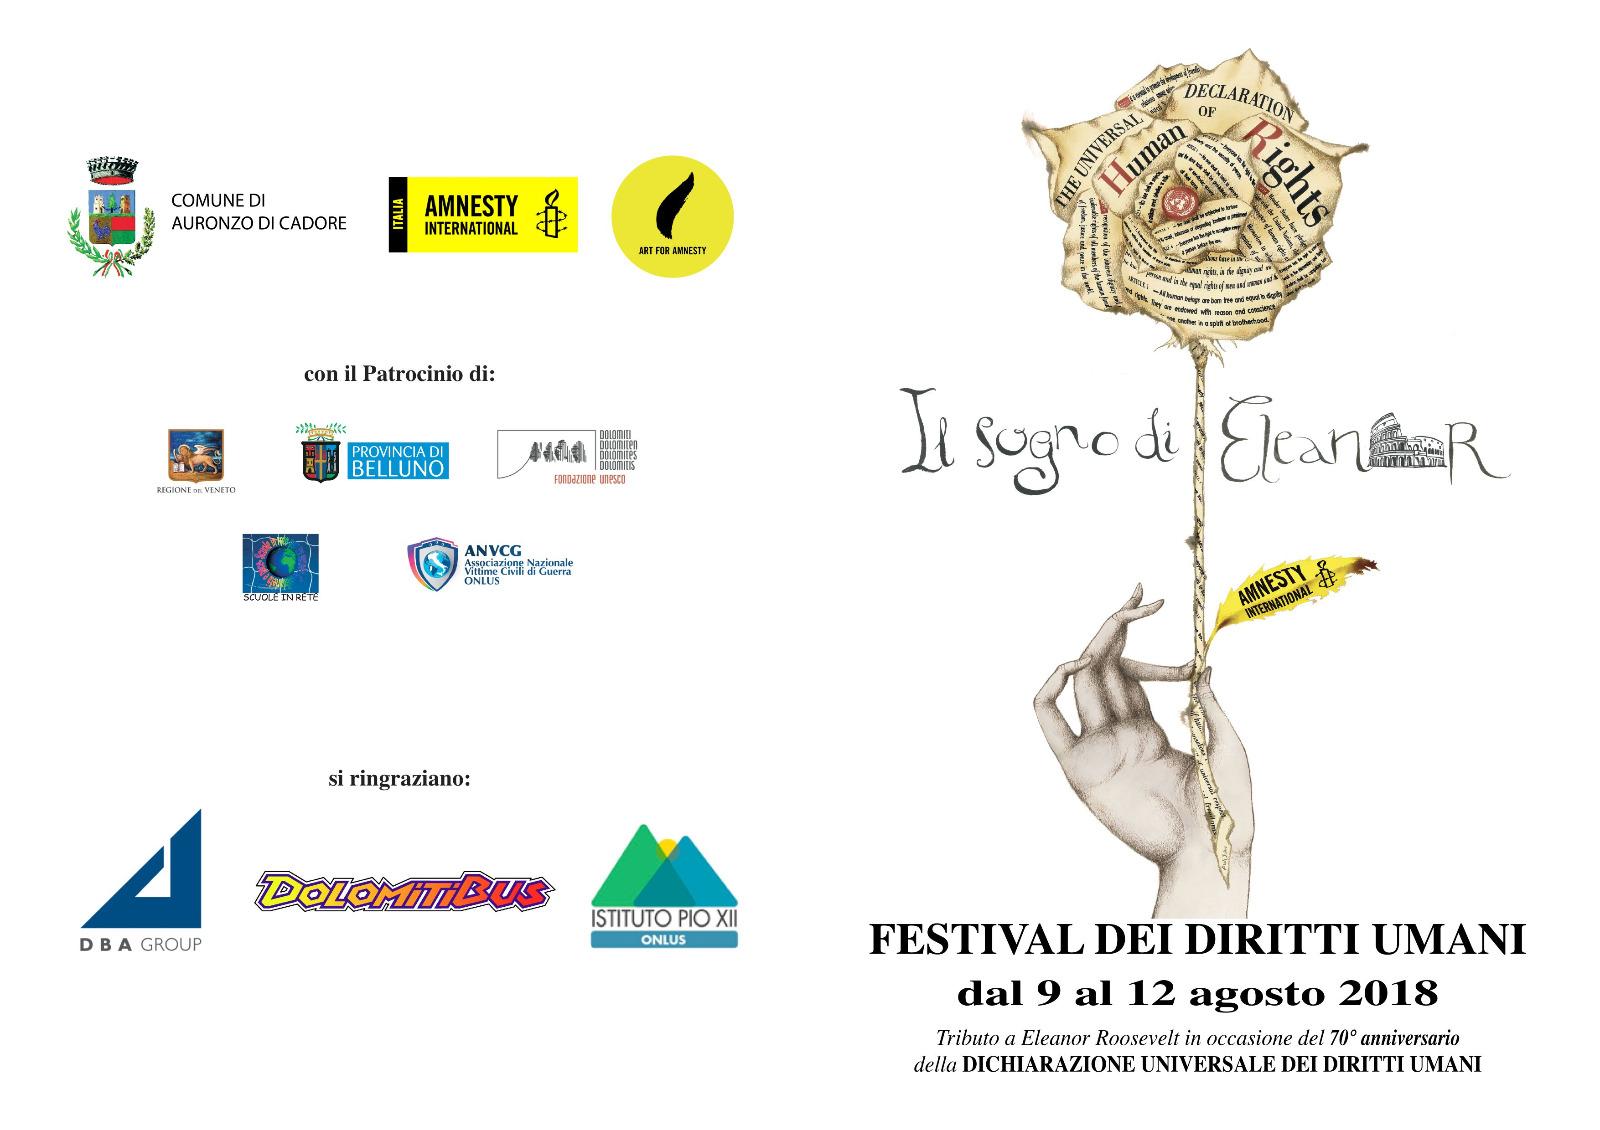 Festival dei Diritti Umani, 9 - 12 agosto 2018, Auronzo di Cadore, locandina